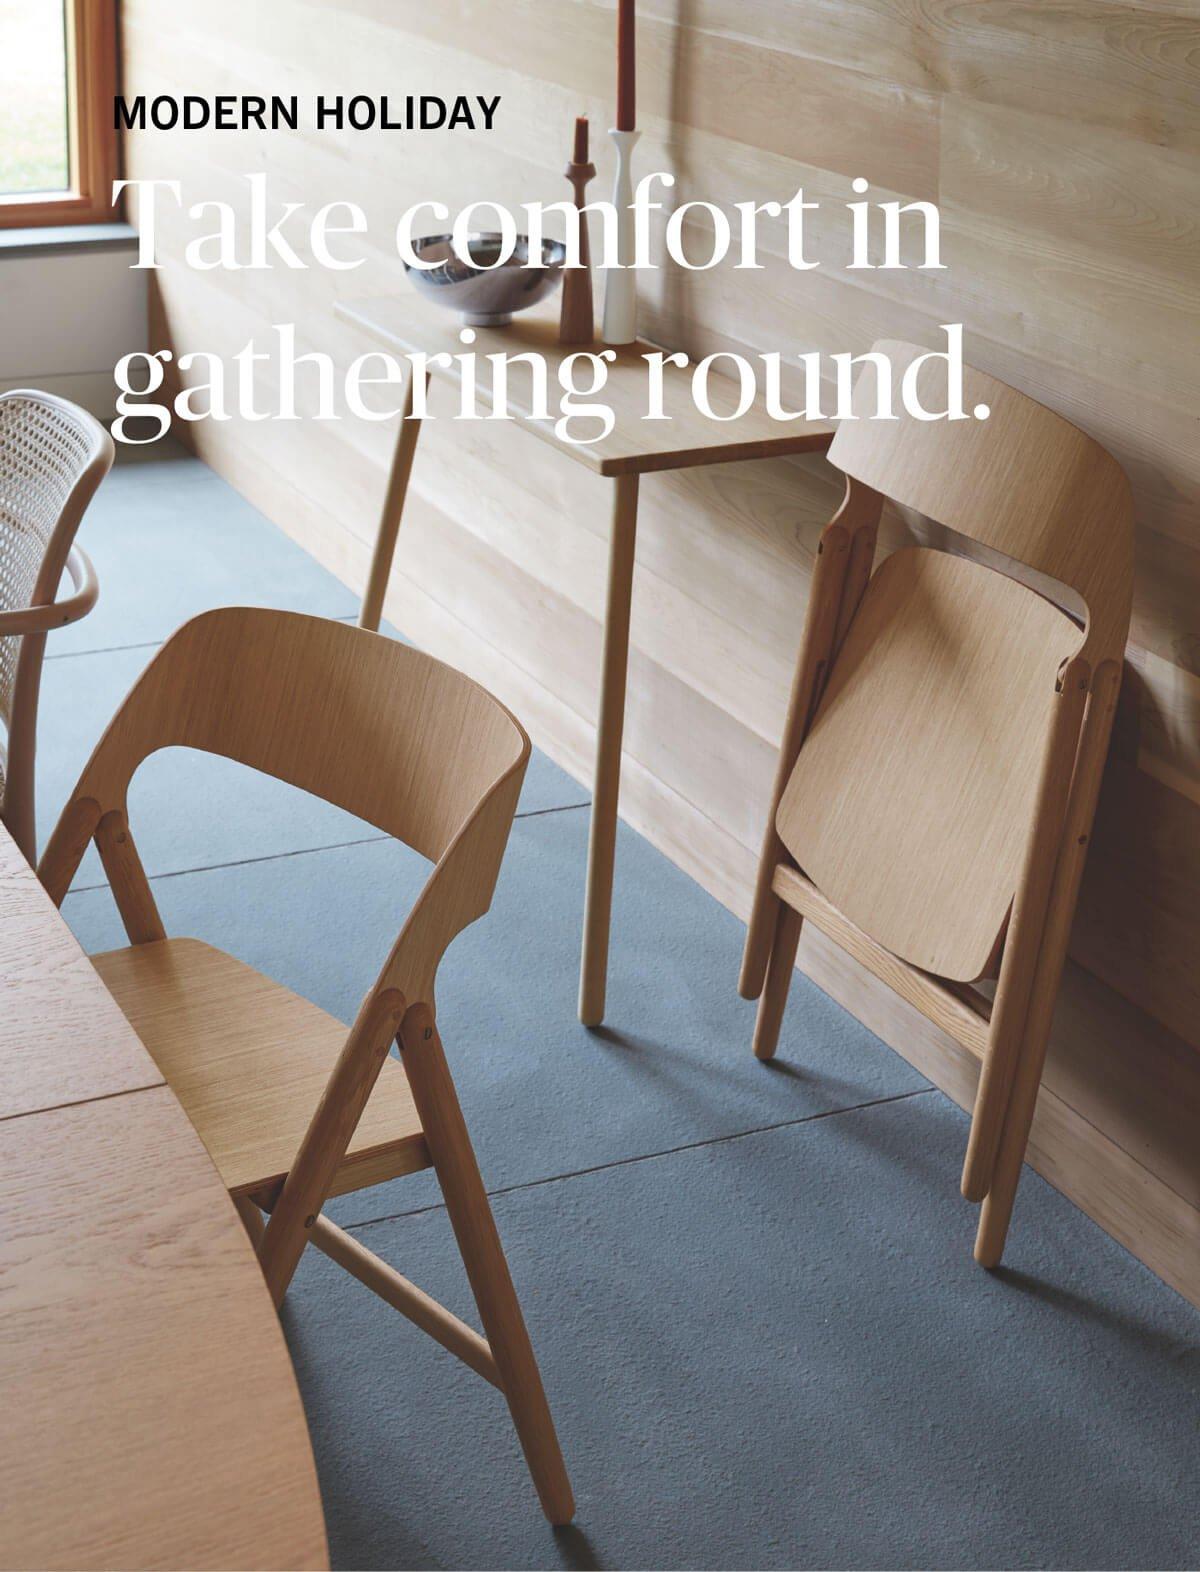 Take comfort in gathering round.